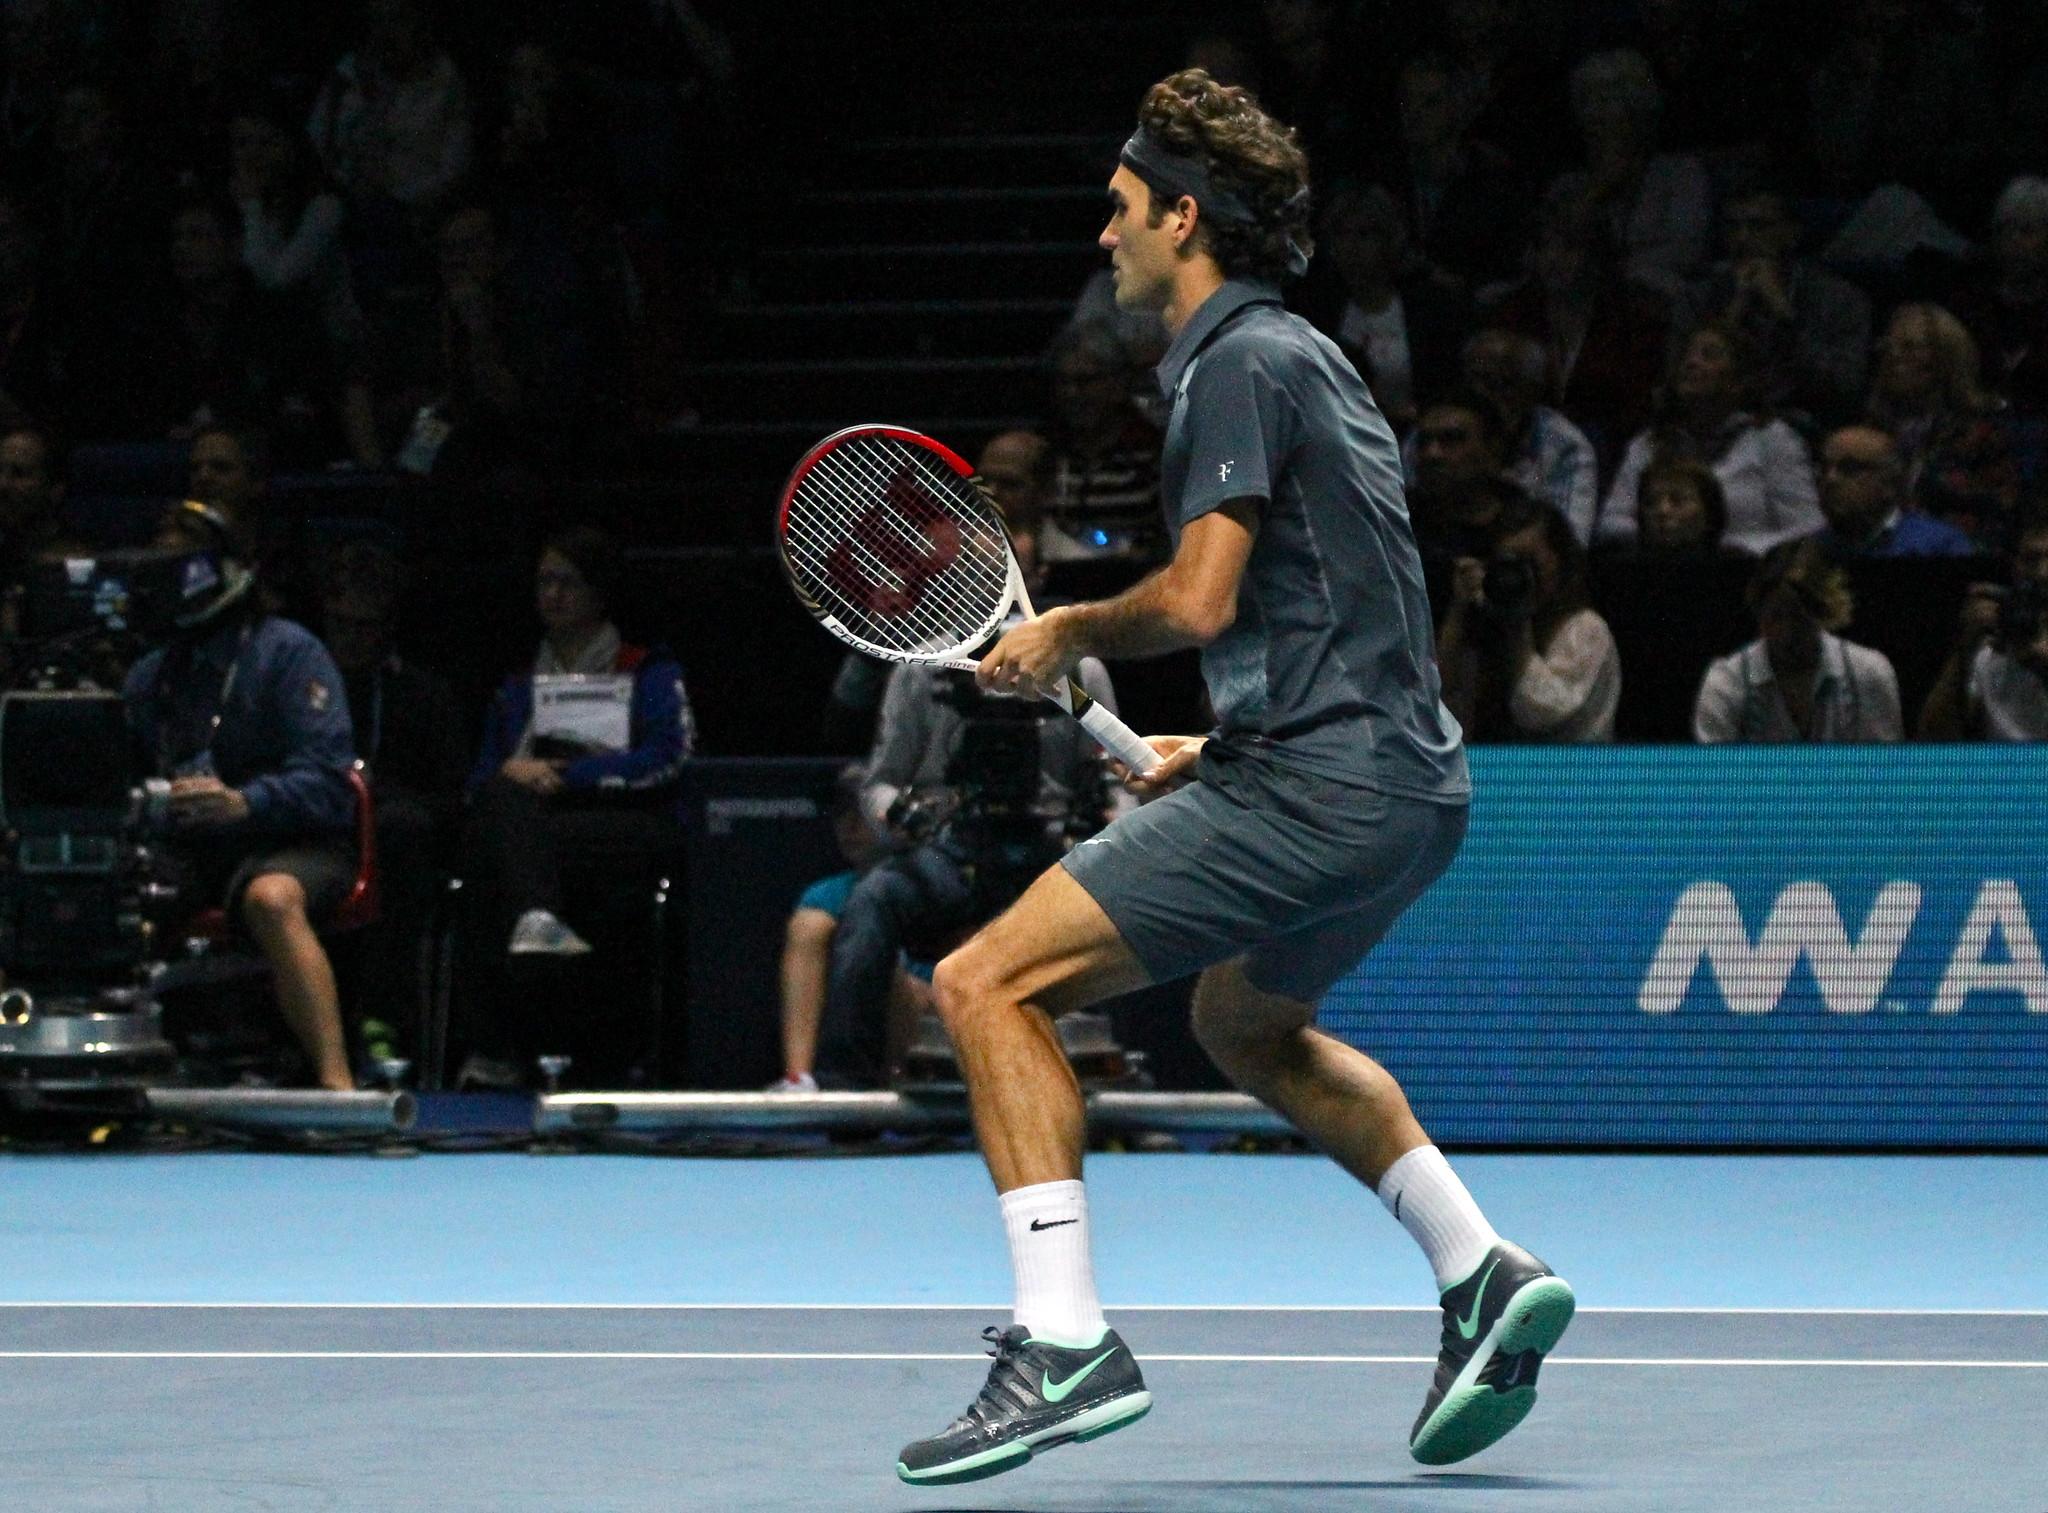 スプリットステップの目的は、何?どうして必要なの?『パワーポジション』と『3種類のスプリットステップ』 - テニスコーチ平野のBLOG